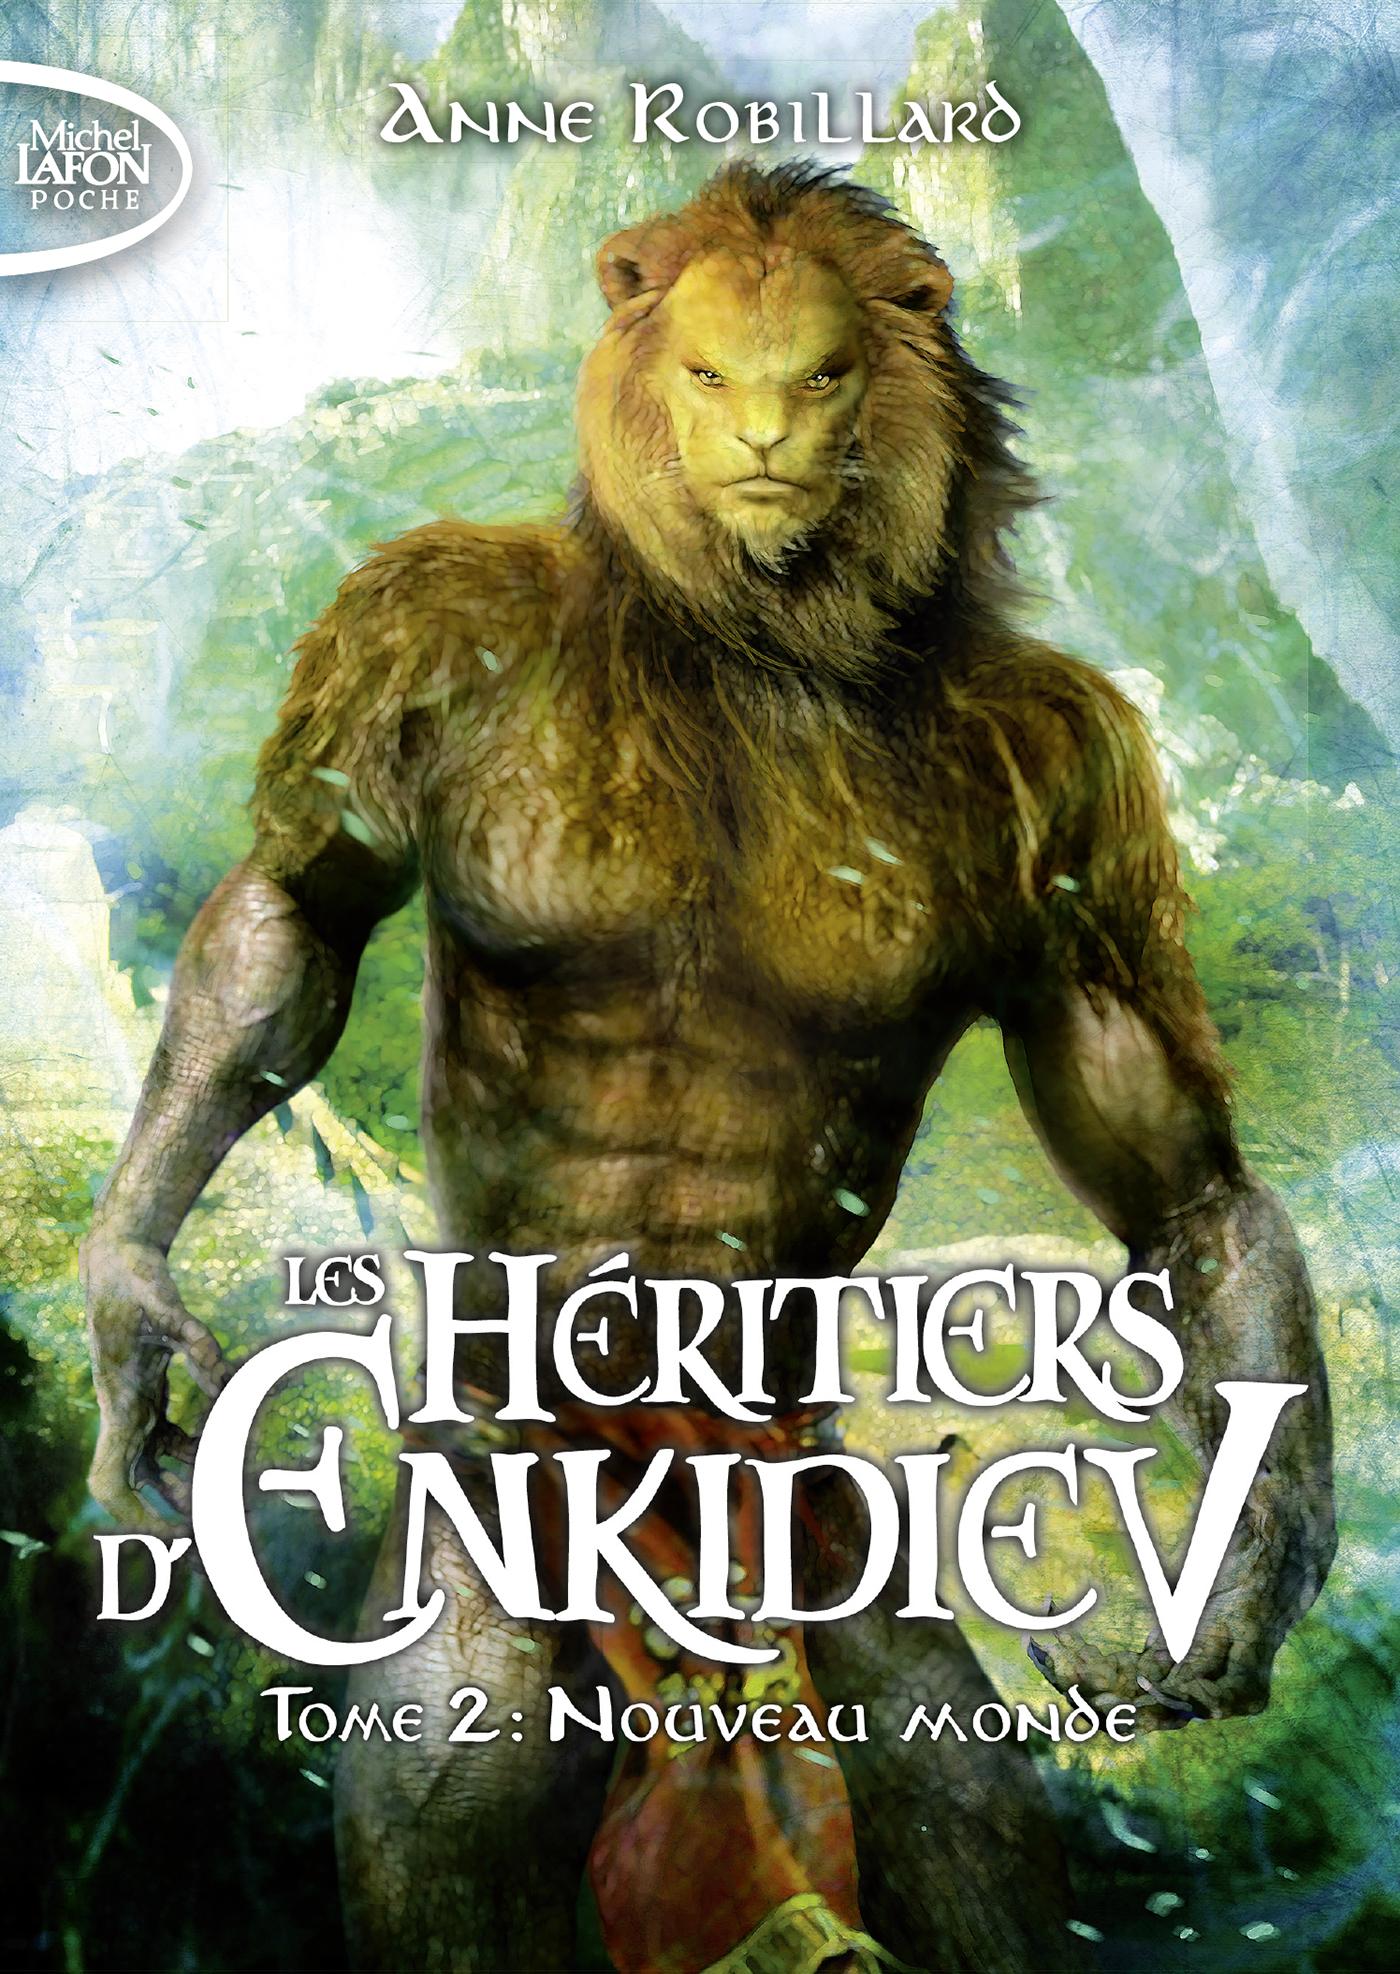 Les Héritiers d'Enkidiev – Tome 2 (Poche)